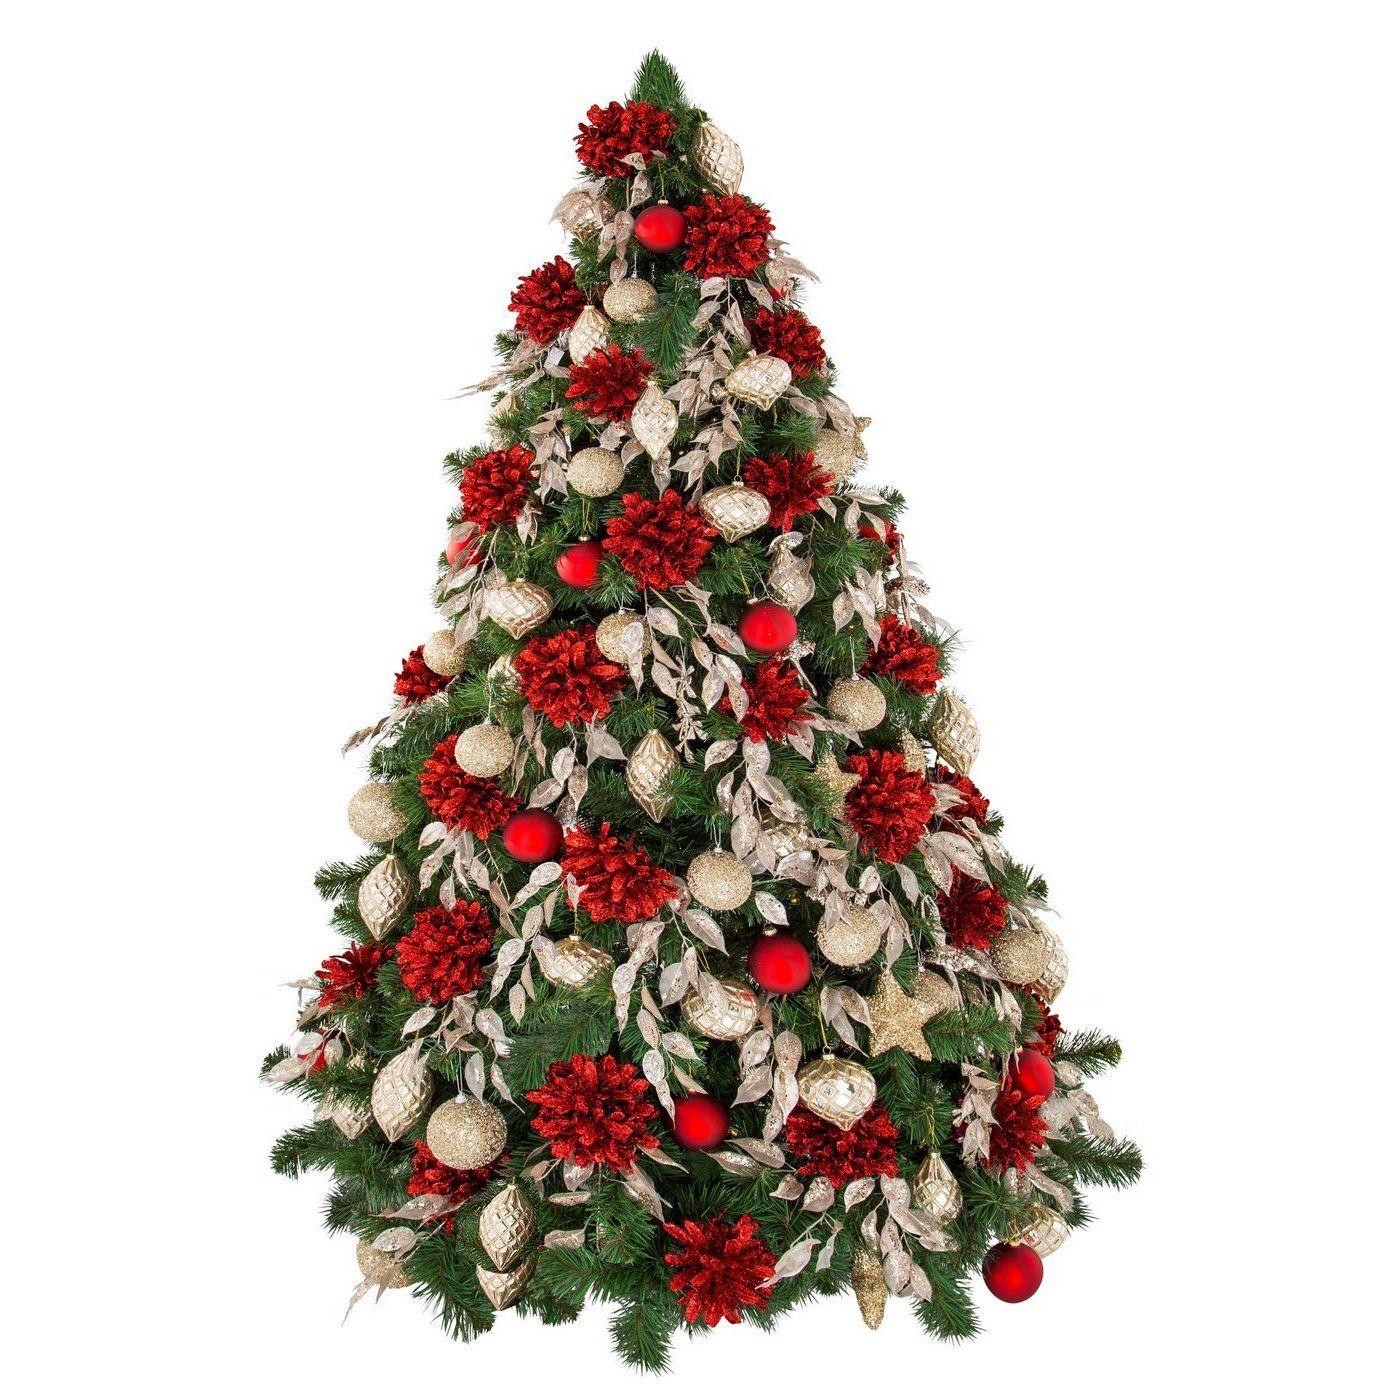 Zestaw Choinkowy Nr 56 Wyjatkowy Zestaw Ozdob Choinkowych W Ktorym Kroluja Wykwintne Lsniace Brokatem Czerwone Kwiaty Karmelowe Bombki Zdobione Mrozonymi Dro